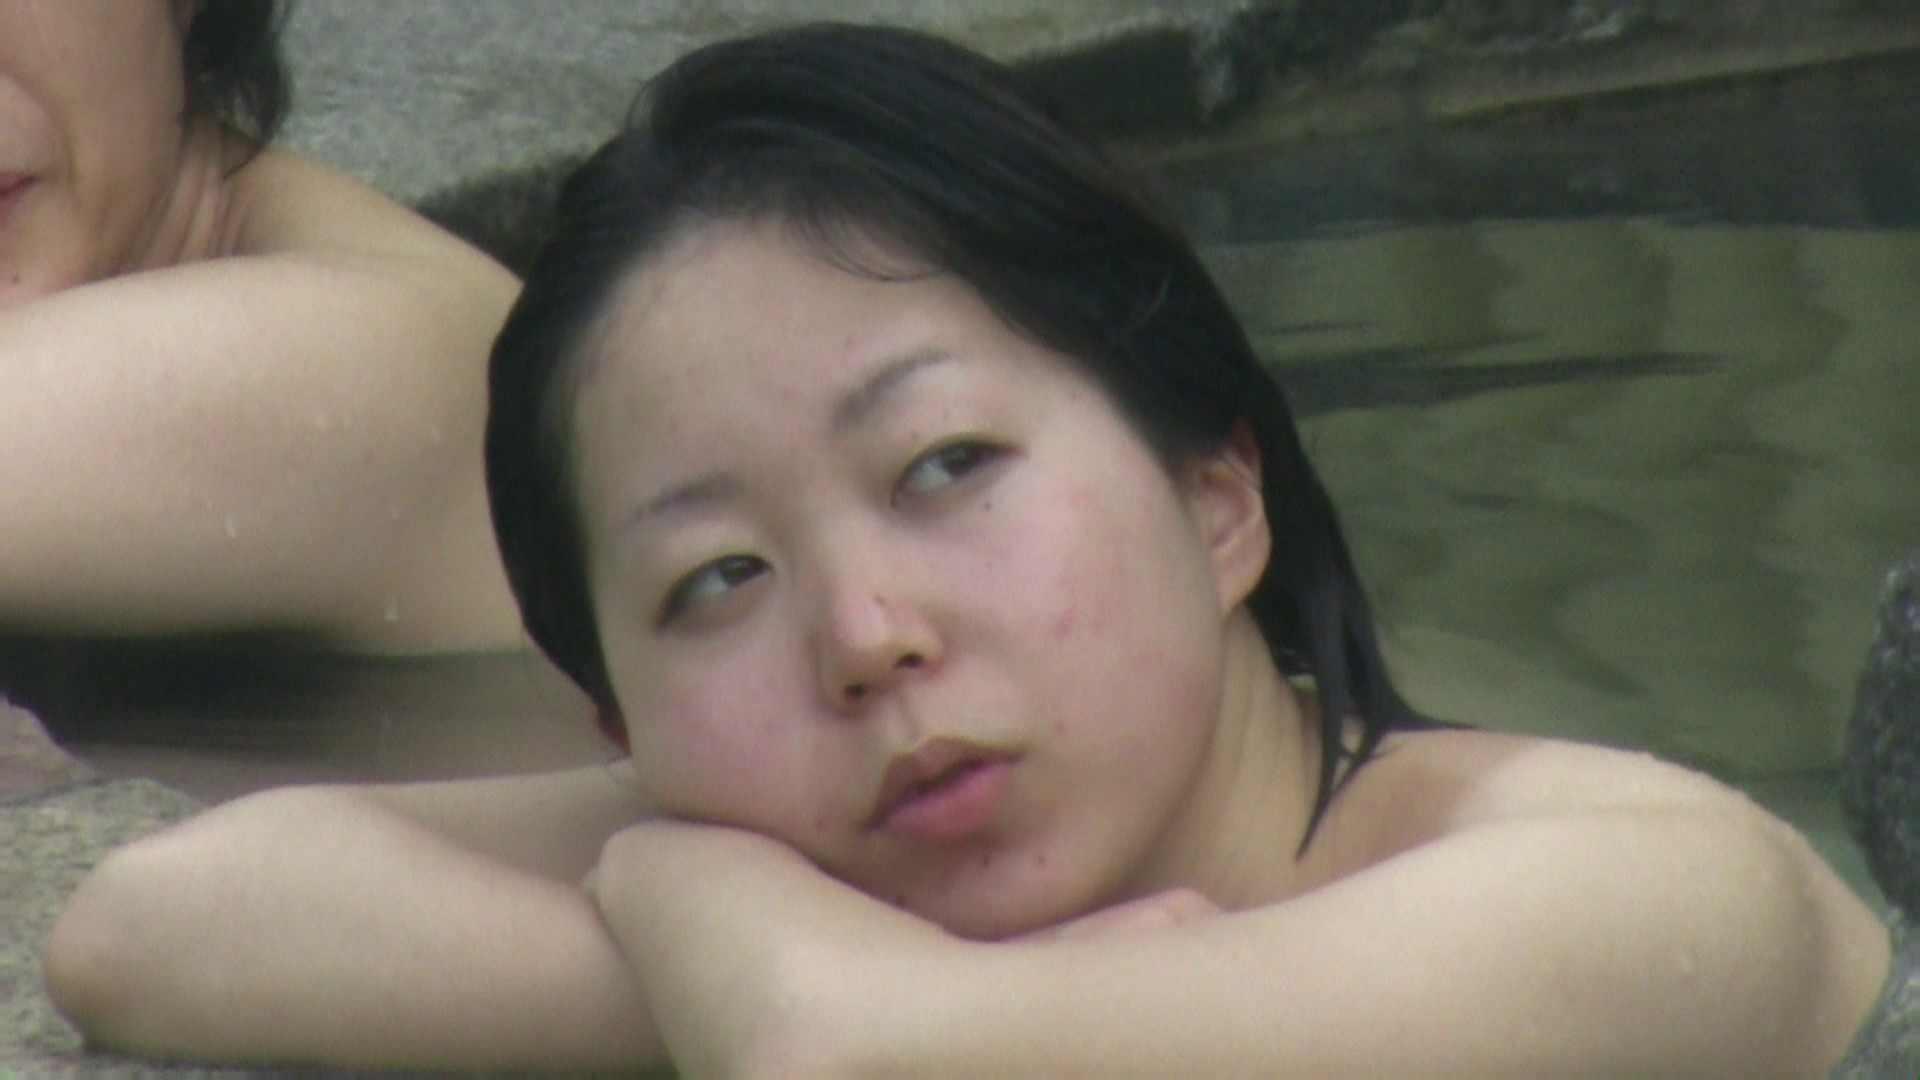 Aquaな露天風呂Vol.06【VIP】 盗撮 | 露天  83画像 22